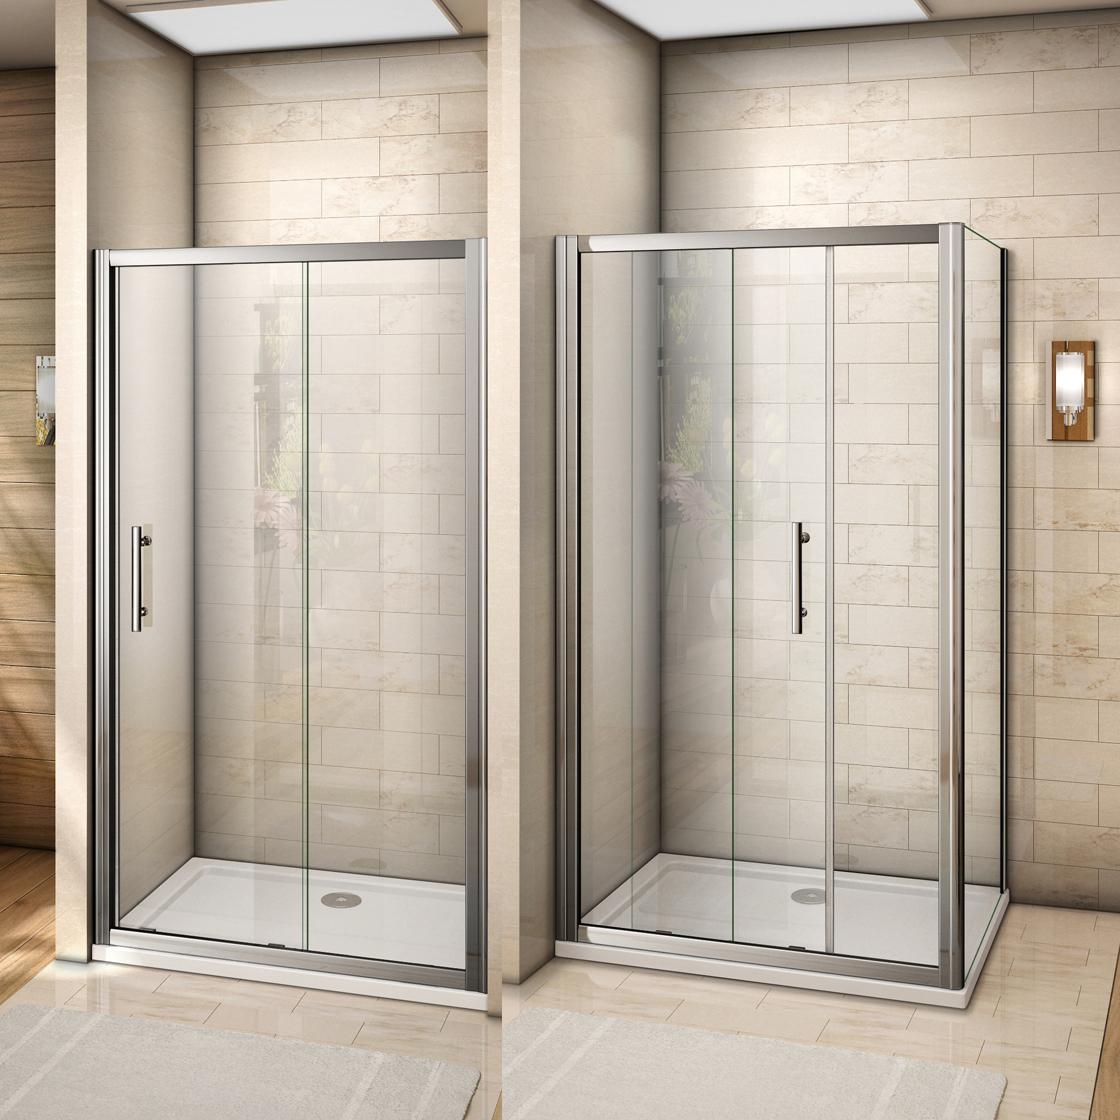 80x80 90x90 mamparas de ducha semicircular cuadrado for Limpiar mampara ducha cristal templado